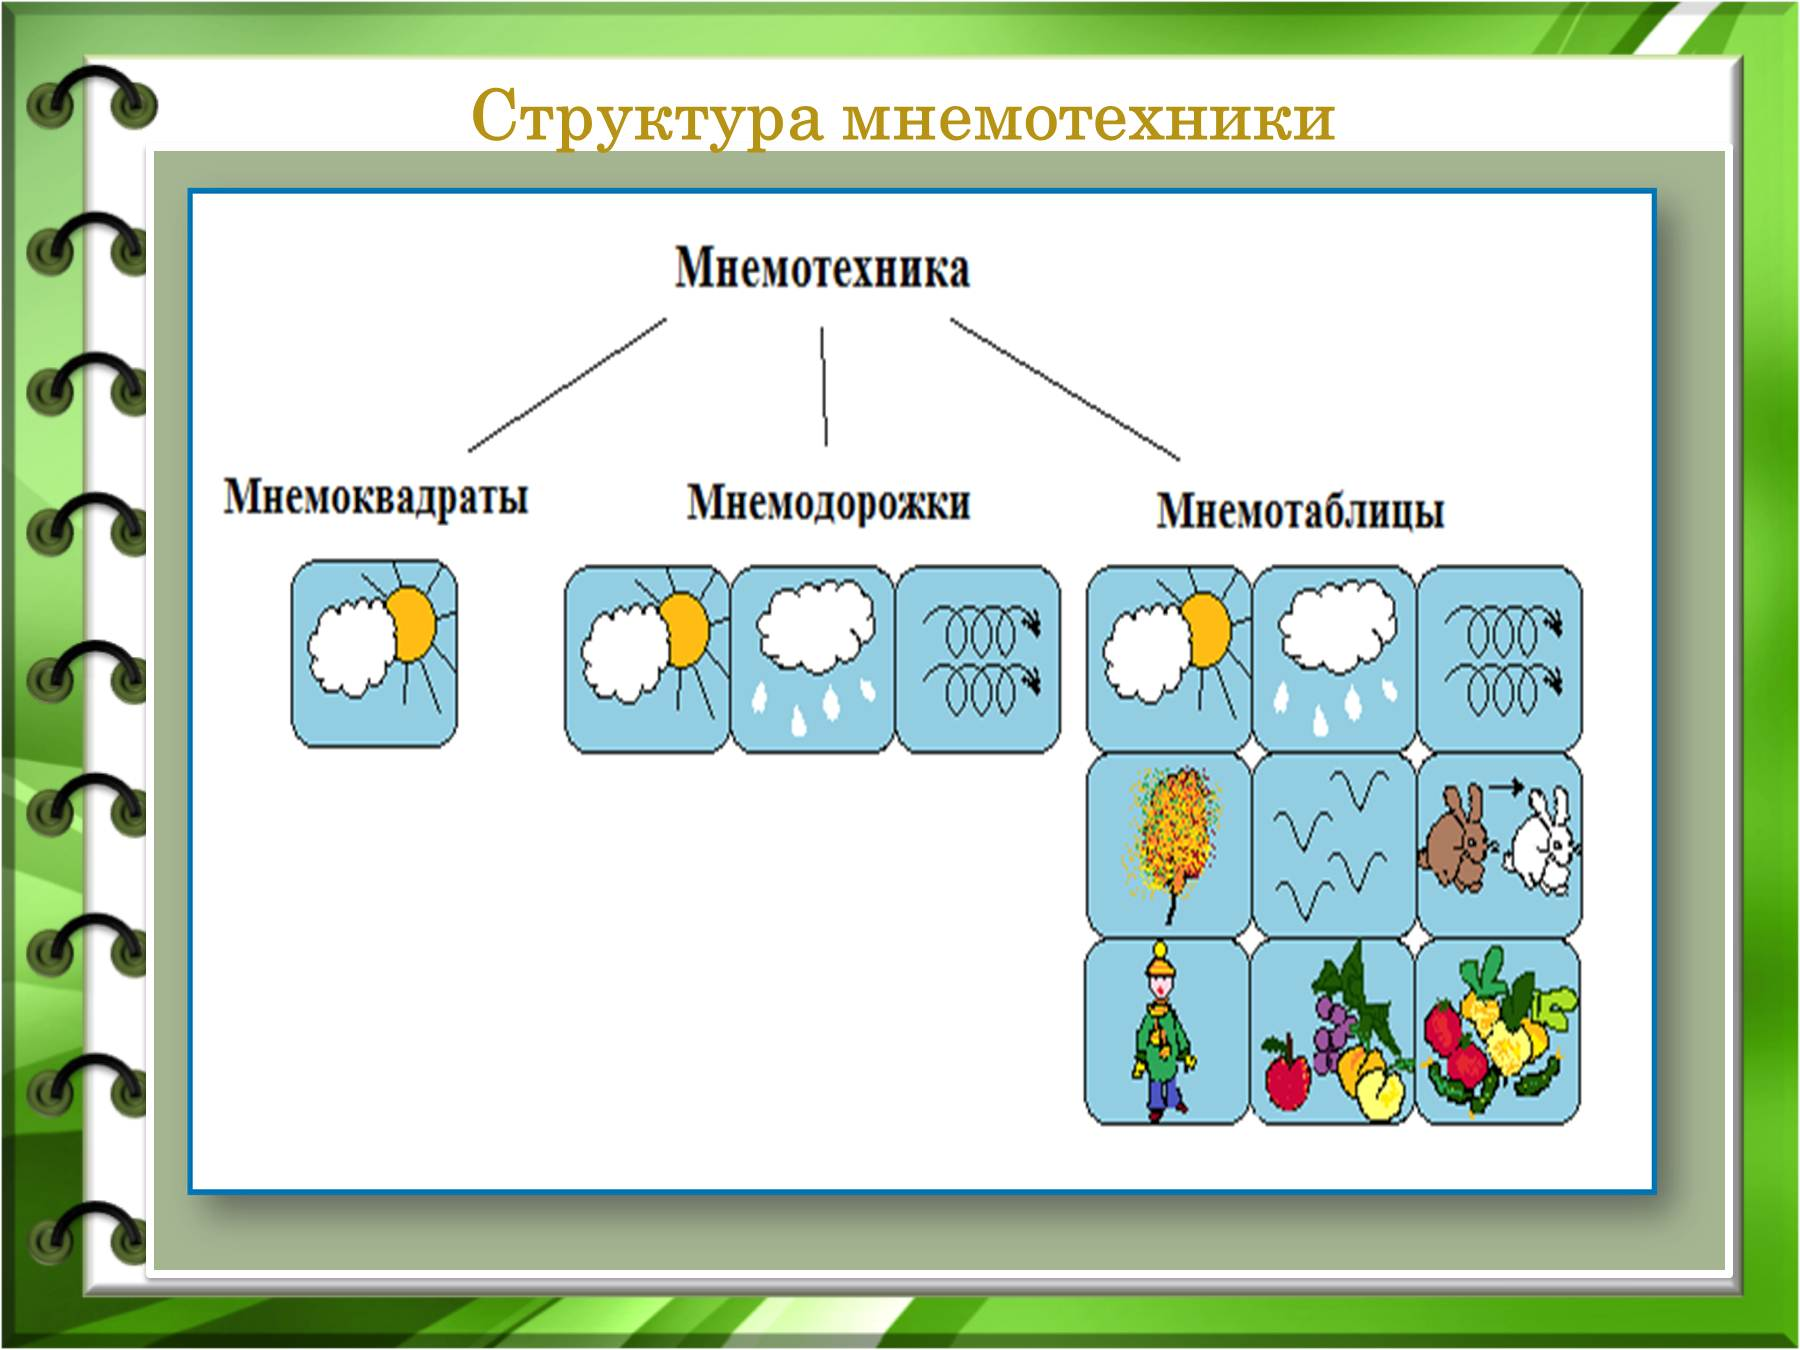 Последовательность мытья рук в детском саду картинки 15